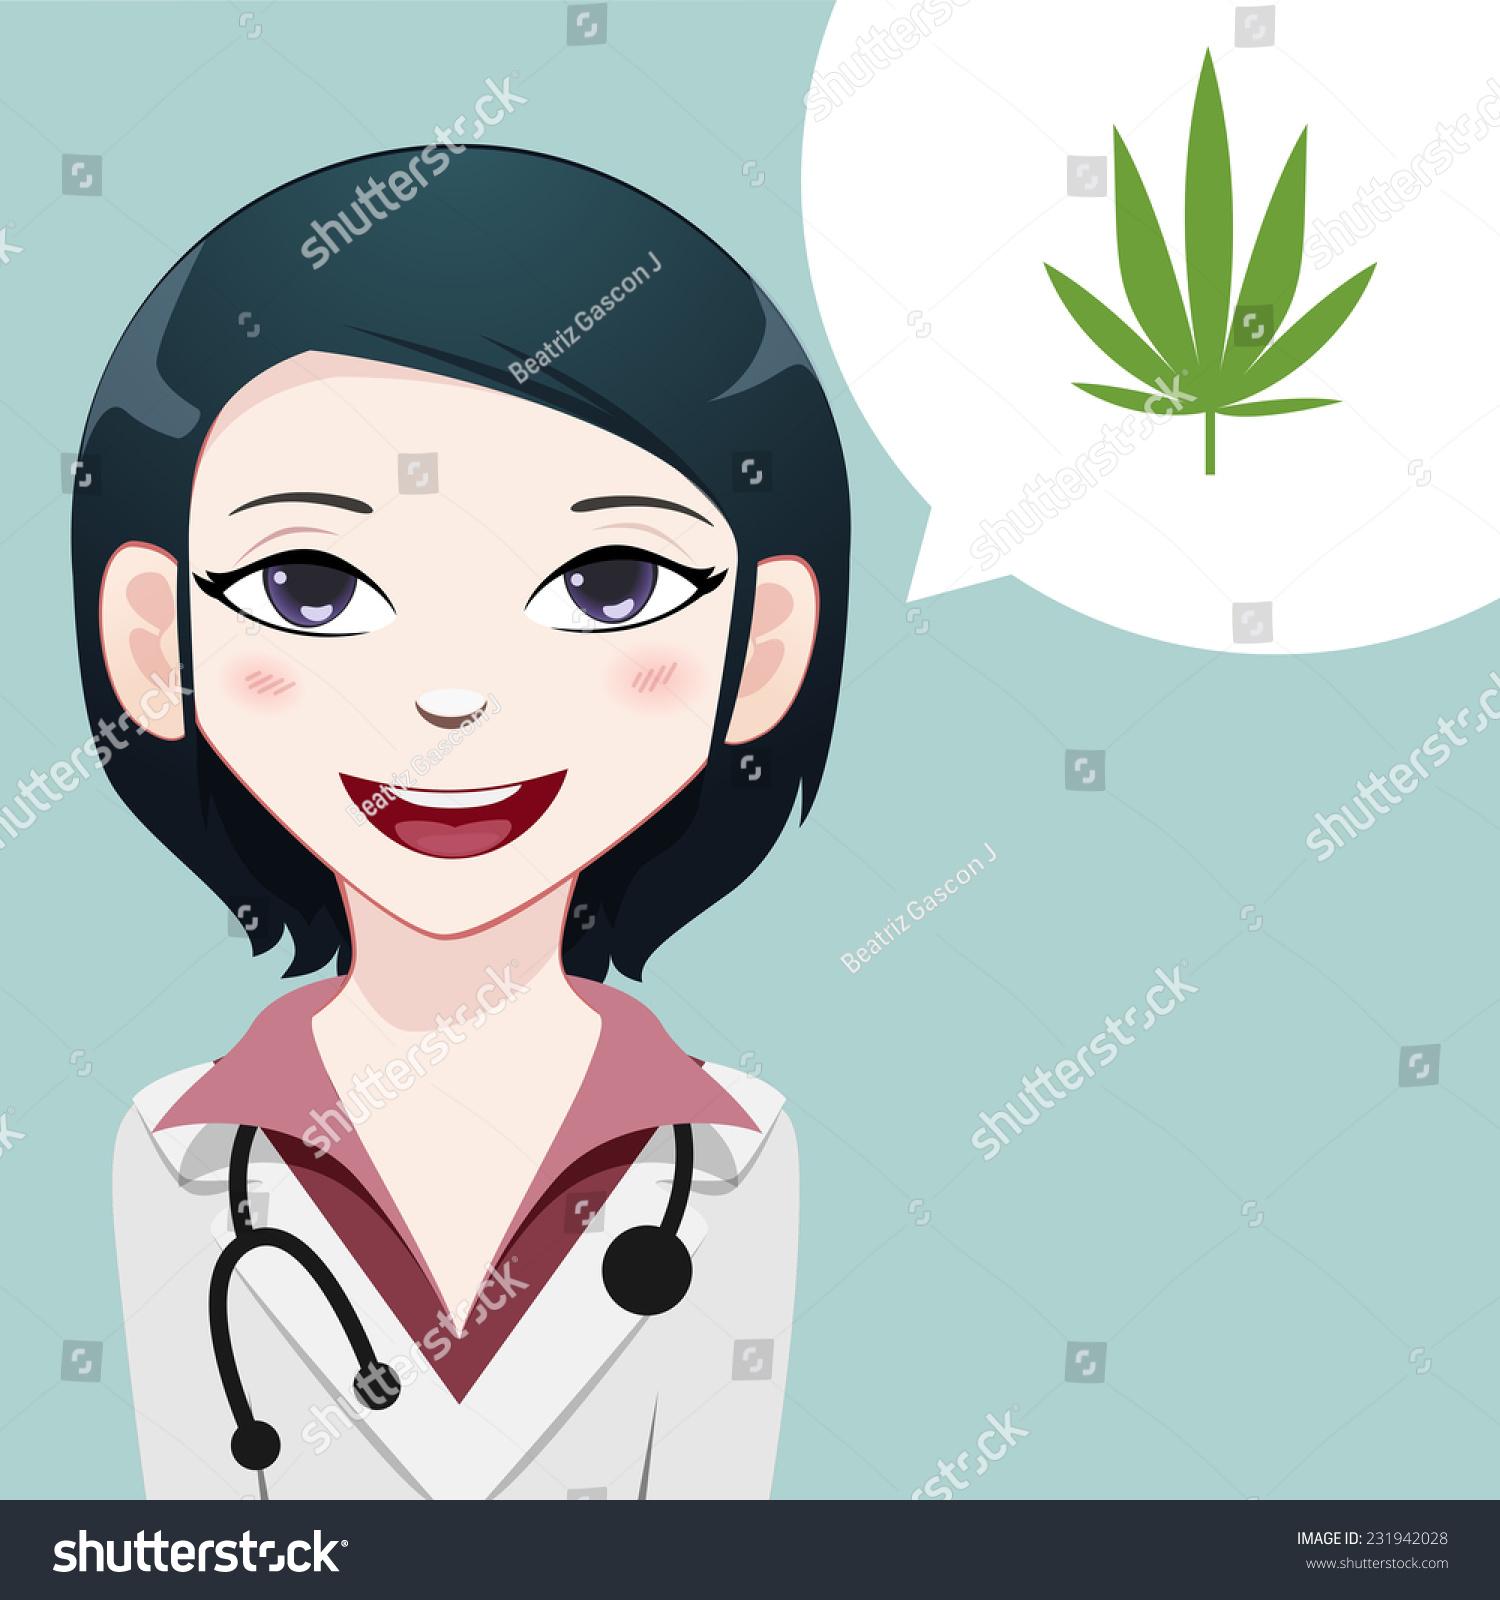 医学头像-医疗保健,人物-海洛创意(hellorf)-中国独家